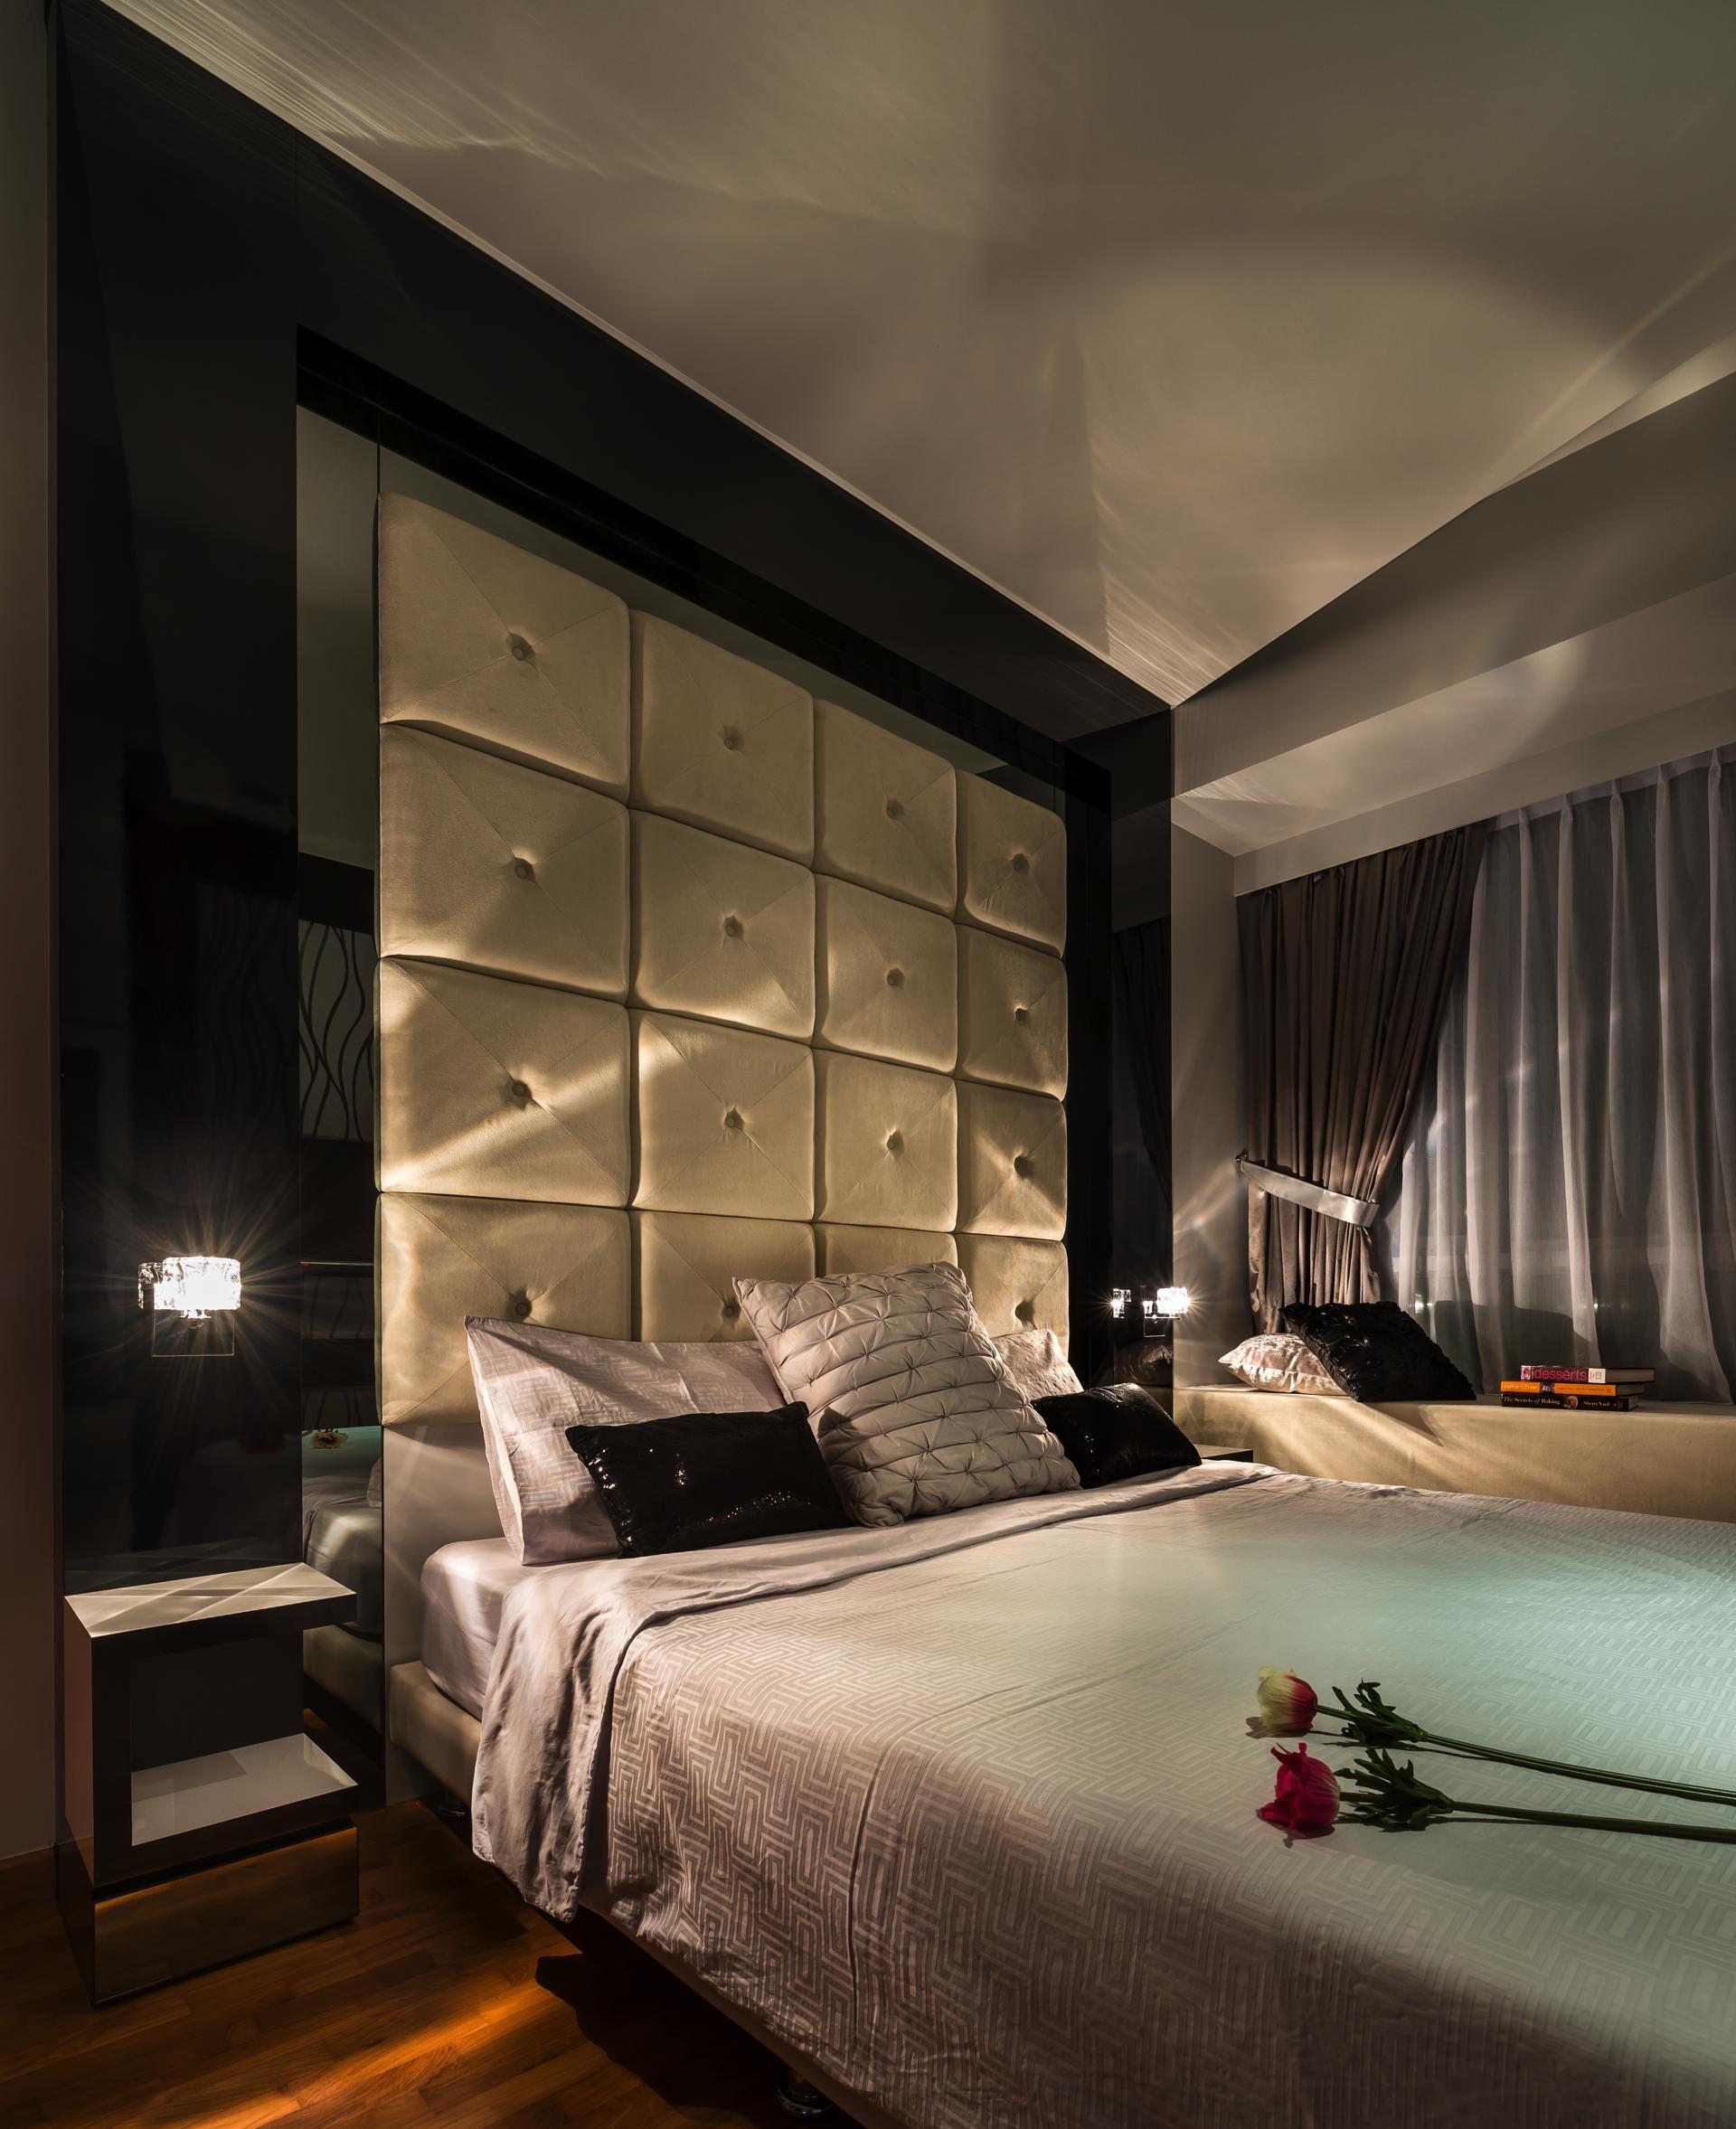 Classy Bedroom Design M3studio Bedroom Designs For Couples Luxury Bedroom Decor Classy Bedroom